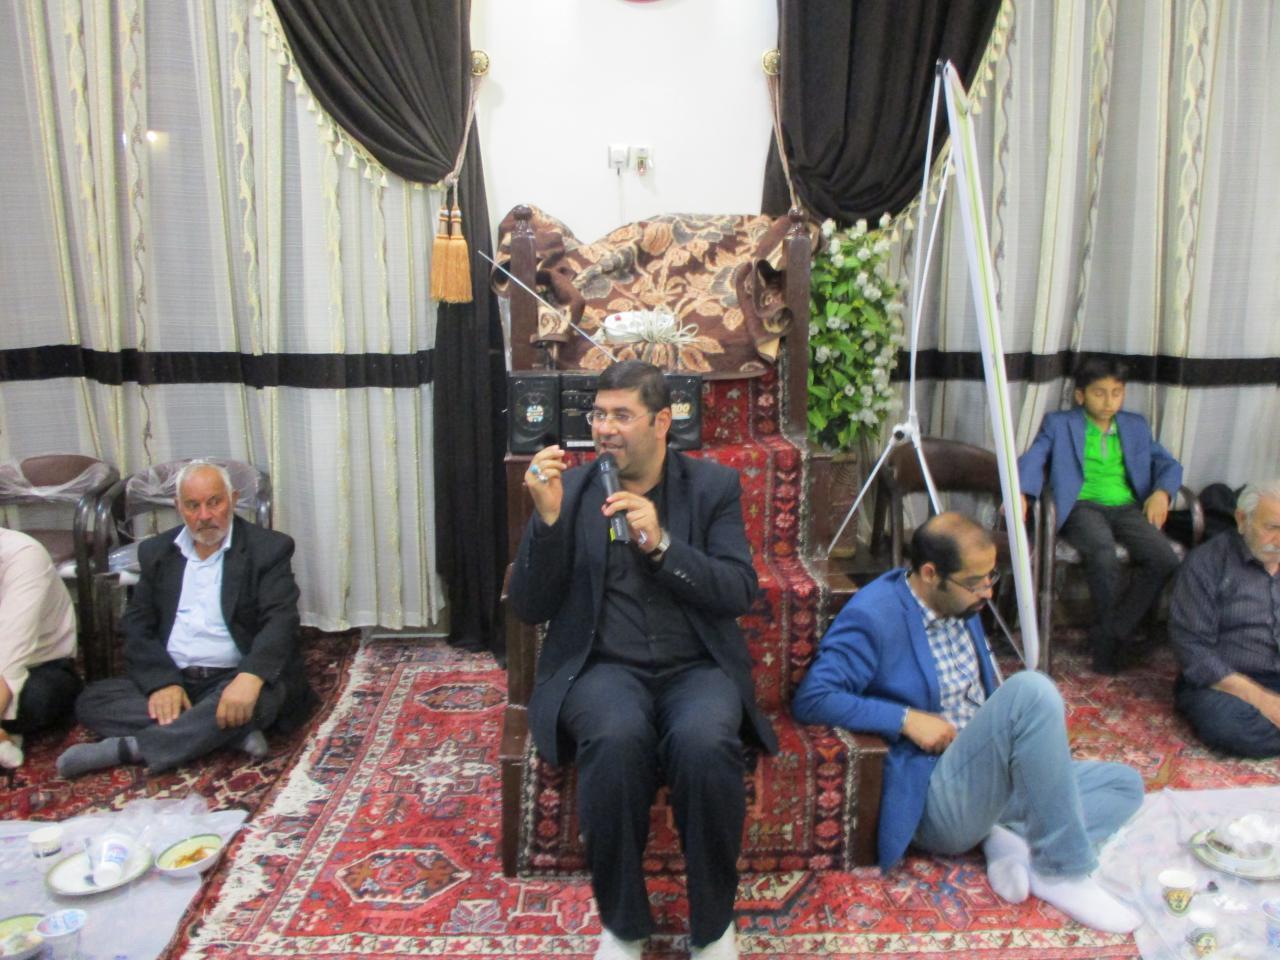 سخنان شنیدنی جناب اقای اسماعیل شیری رئیس هیئات حسینی شهرستان مراغه و مشاور حقوقی جامعه معلولین